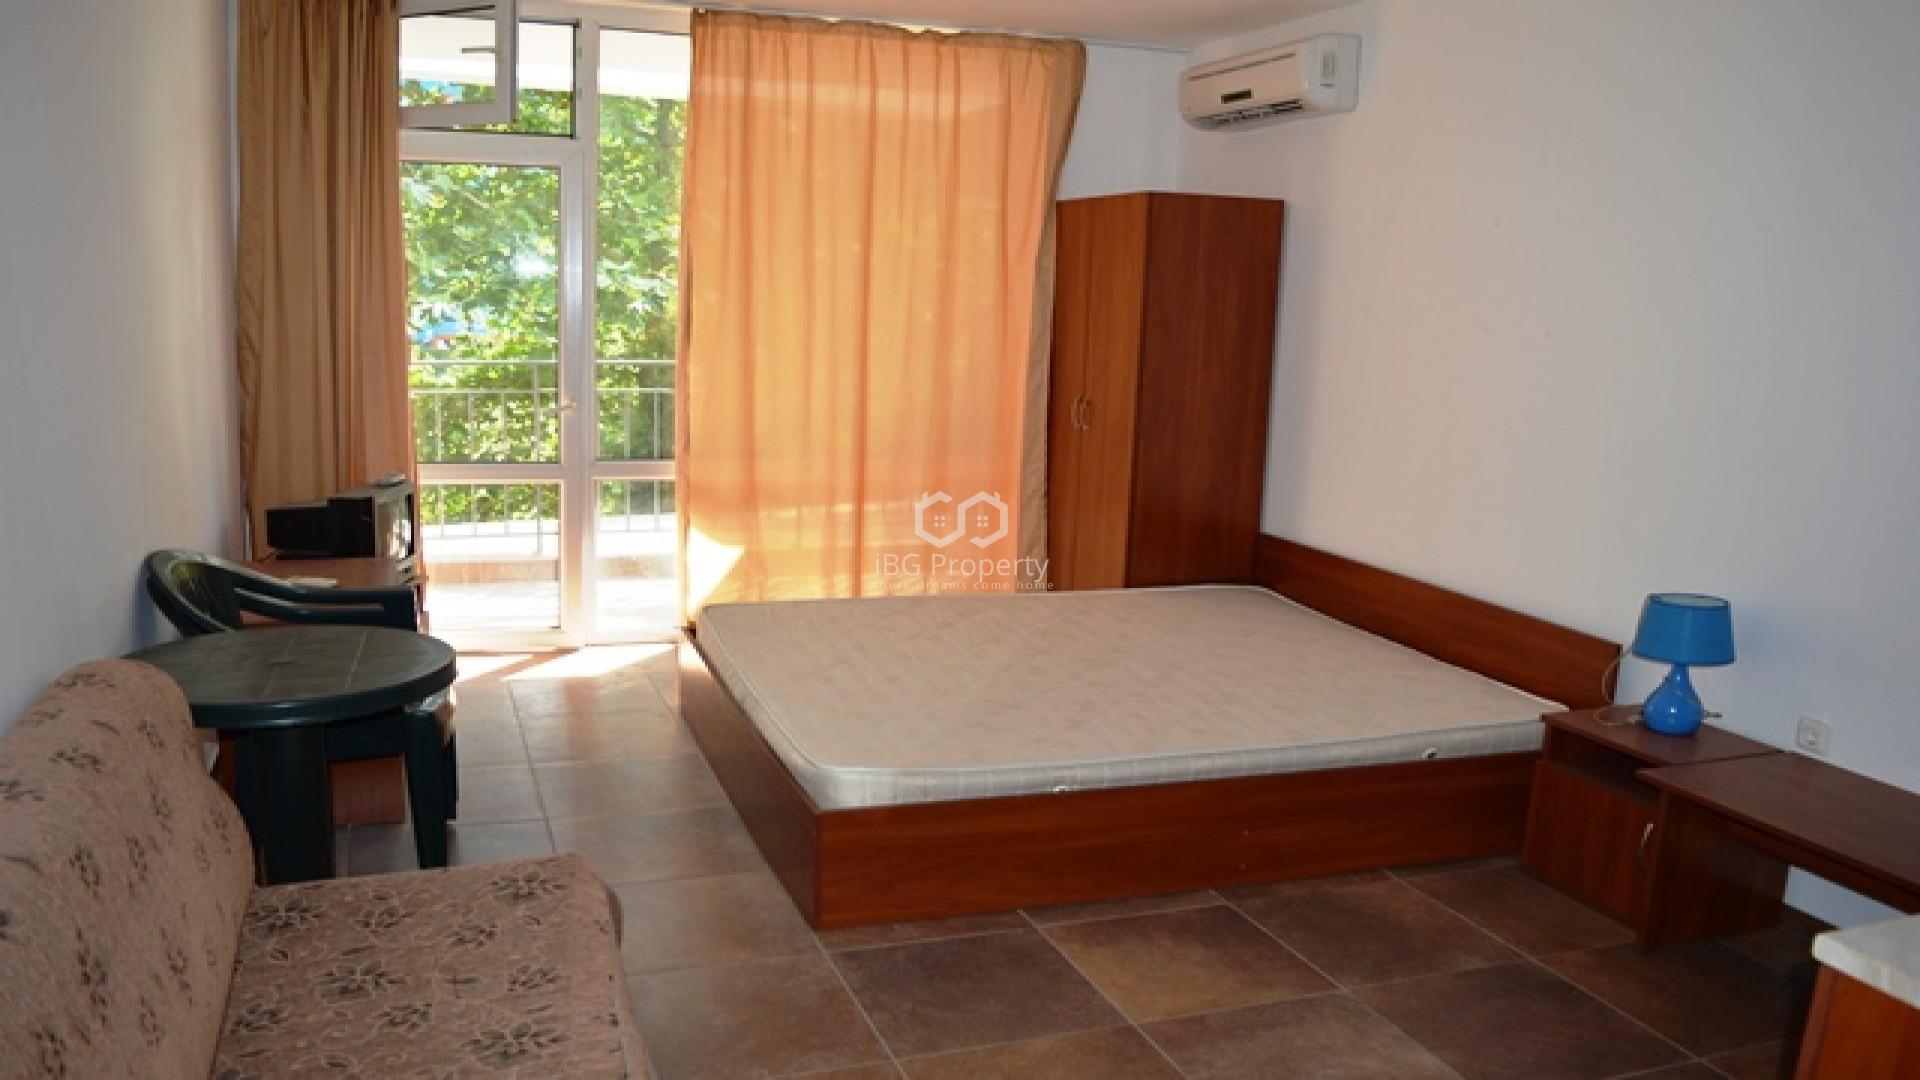 Однокомнатная квартира Слънчев Бряг 32 m2